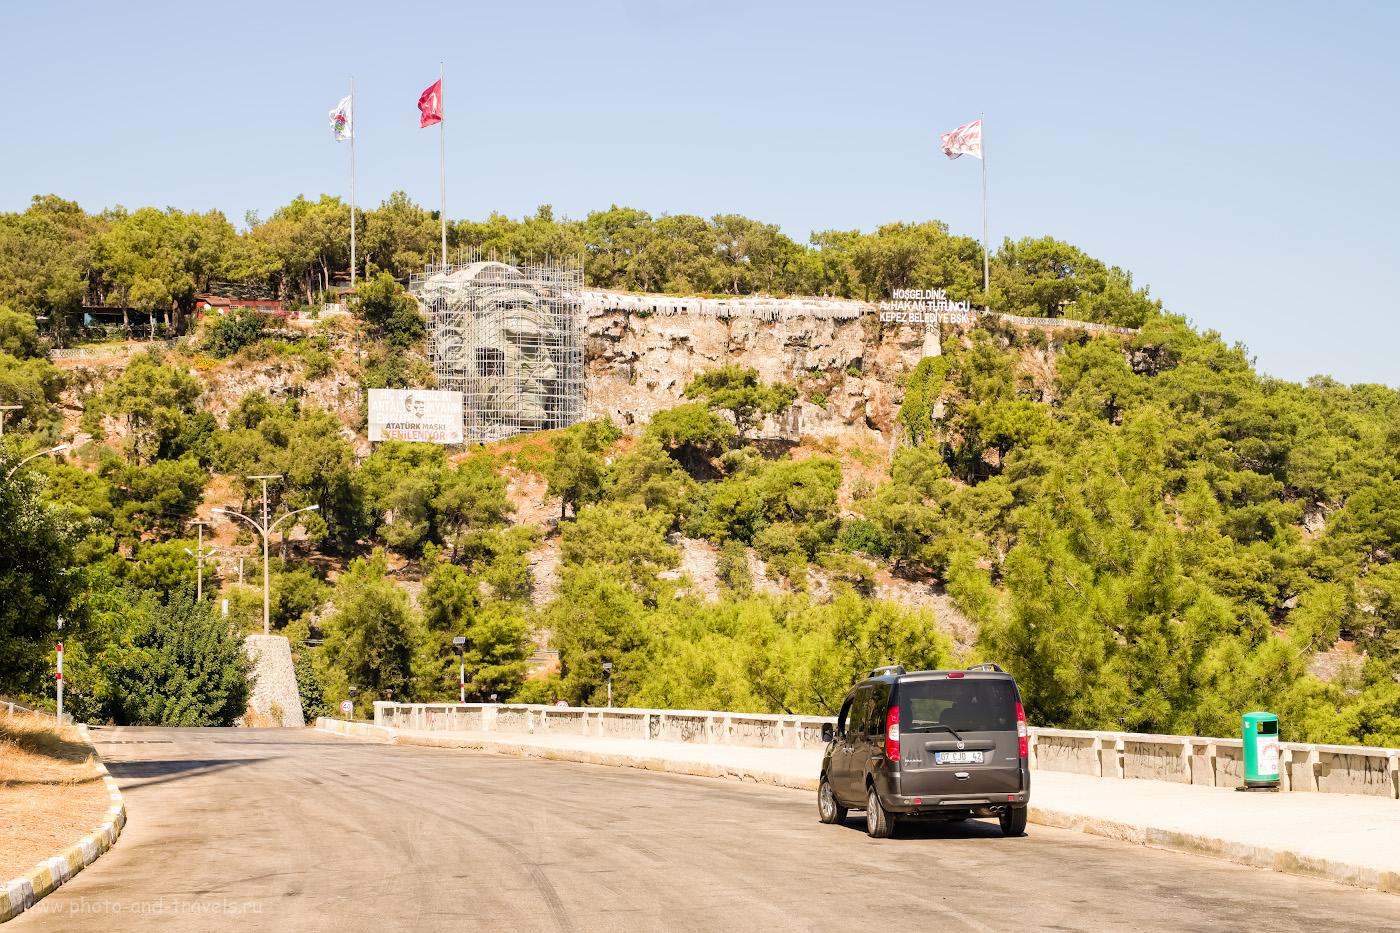 Фото 11. Вид на голову Ататюрка со смотровой площадки внизу. Интересные места в Анталии, которые можно посетить, отдыхая с детьми. 1/250, 8.0, 200, +0.67, 45.